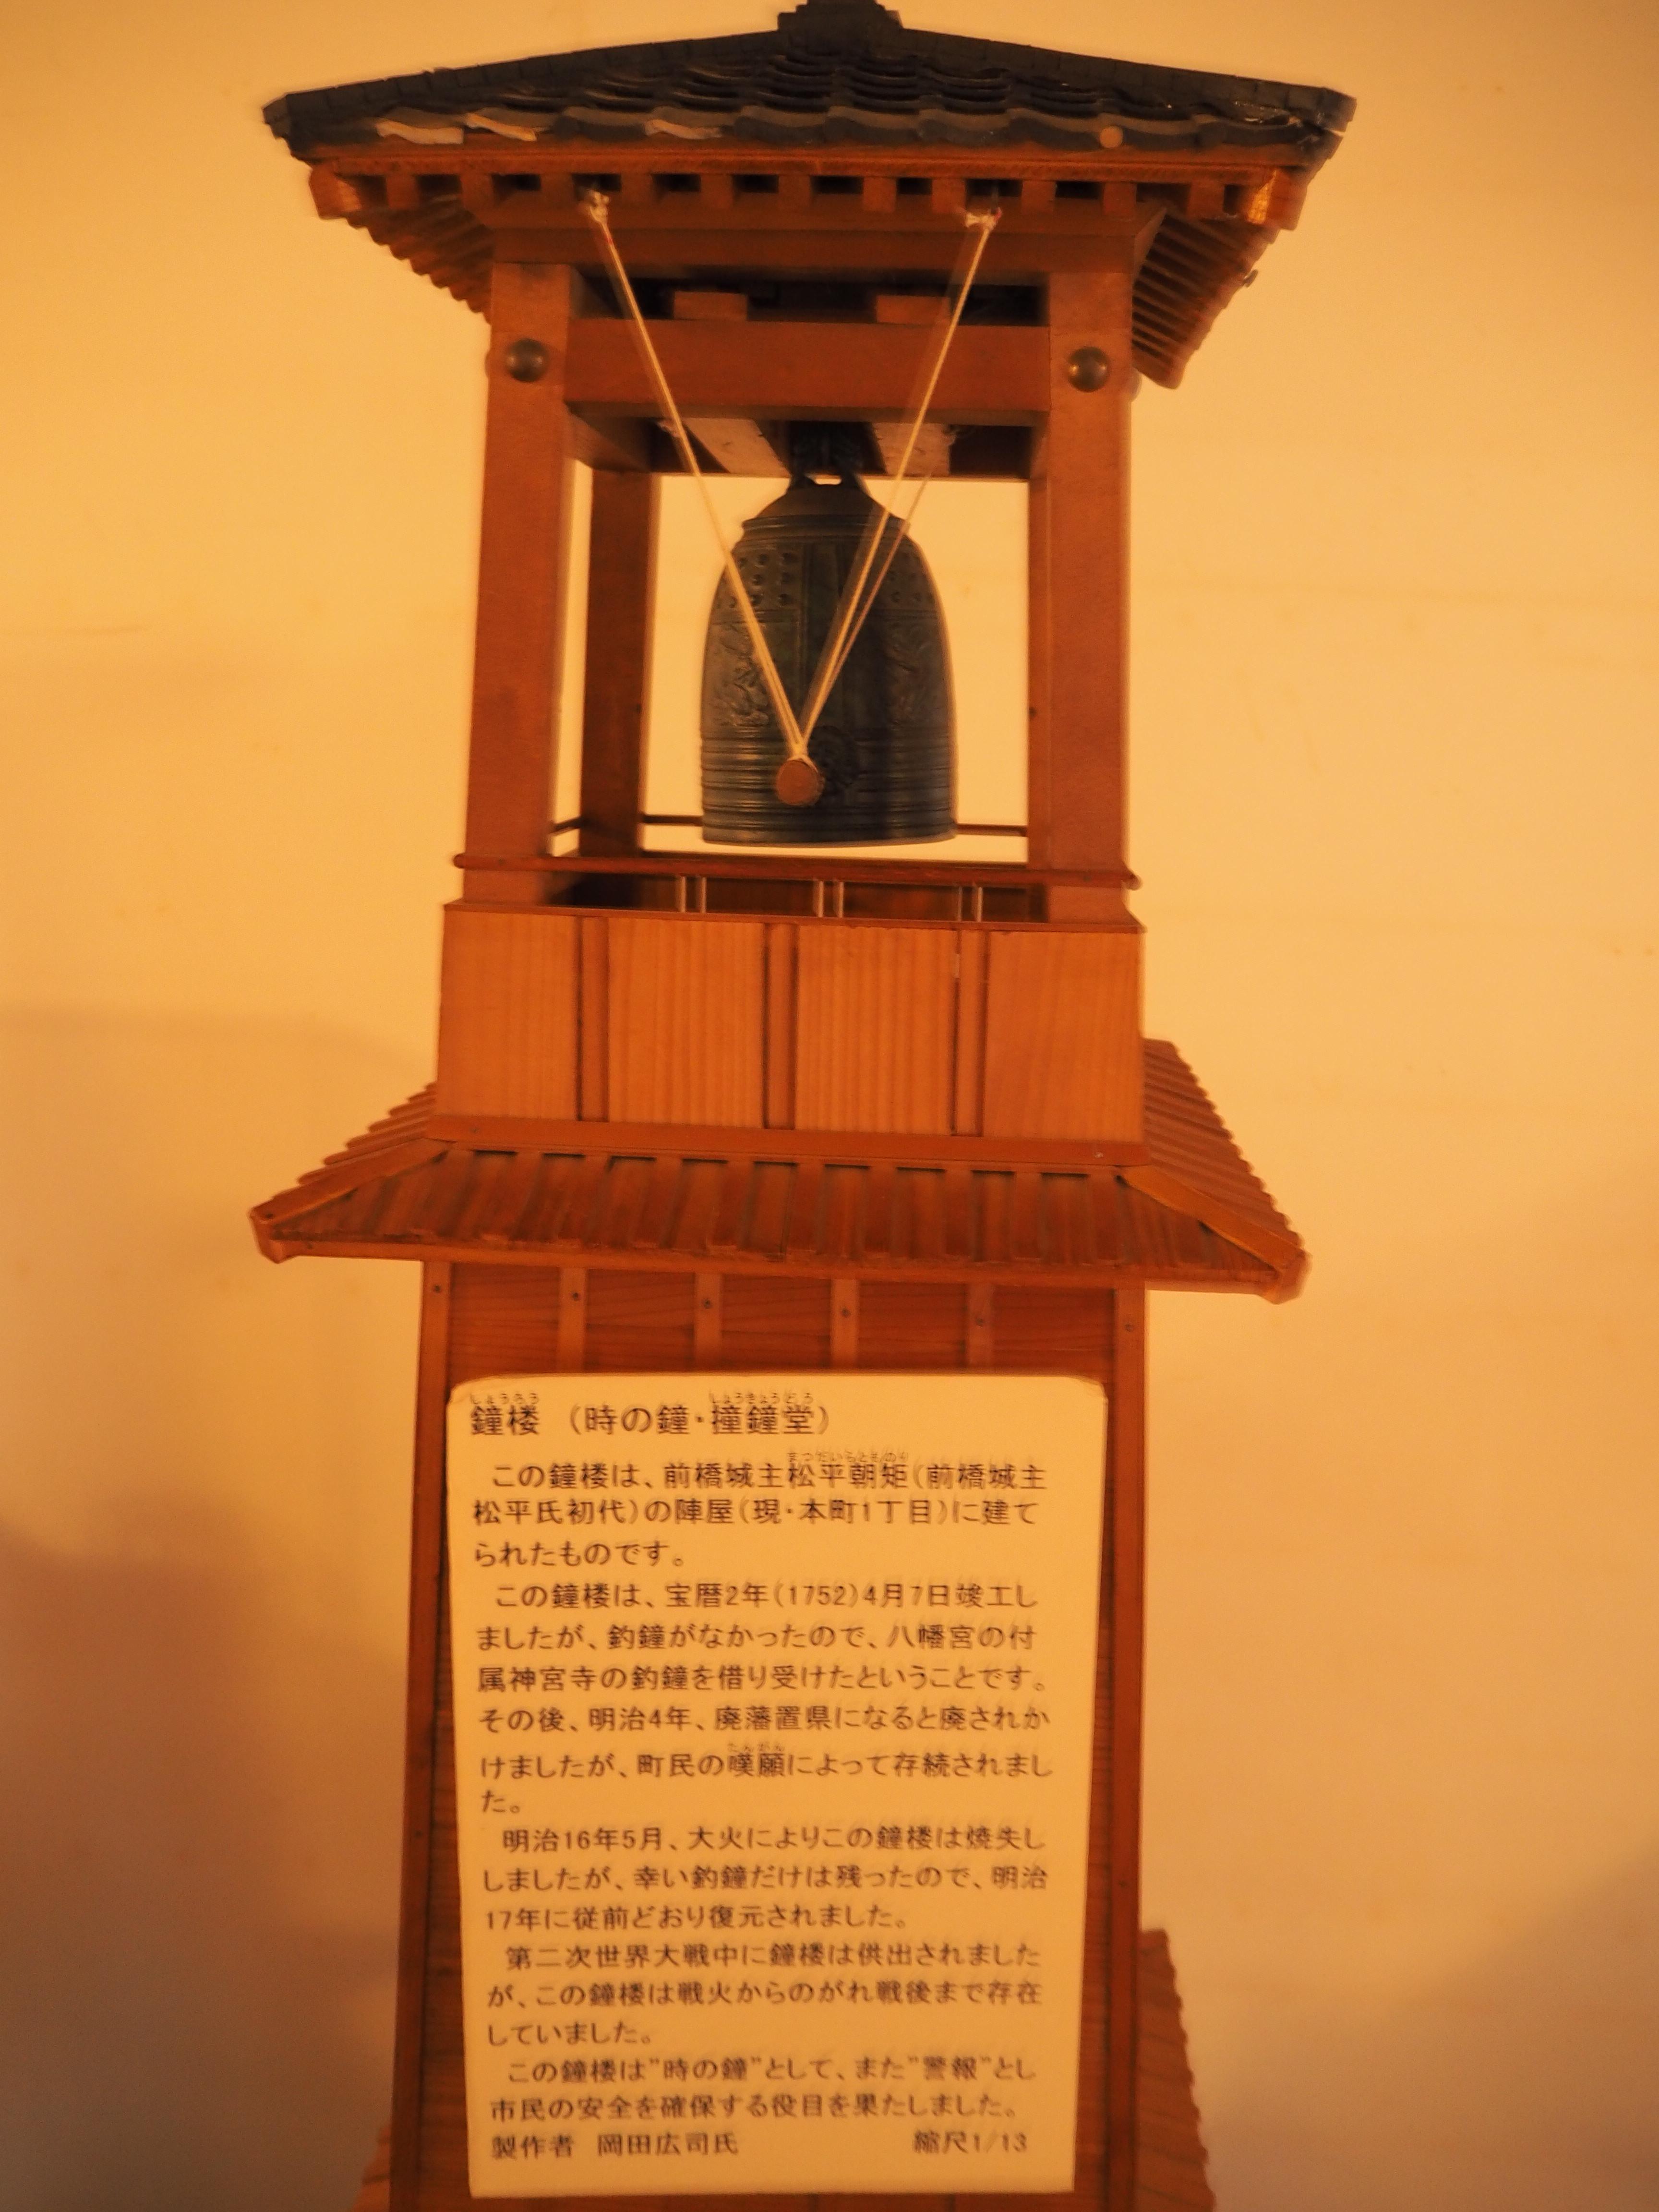 時の鐘 鐘楼